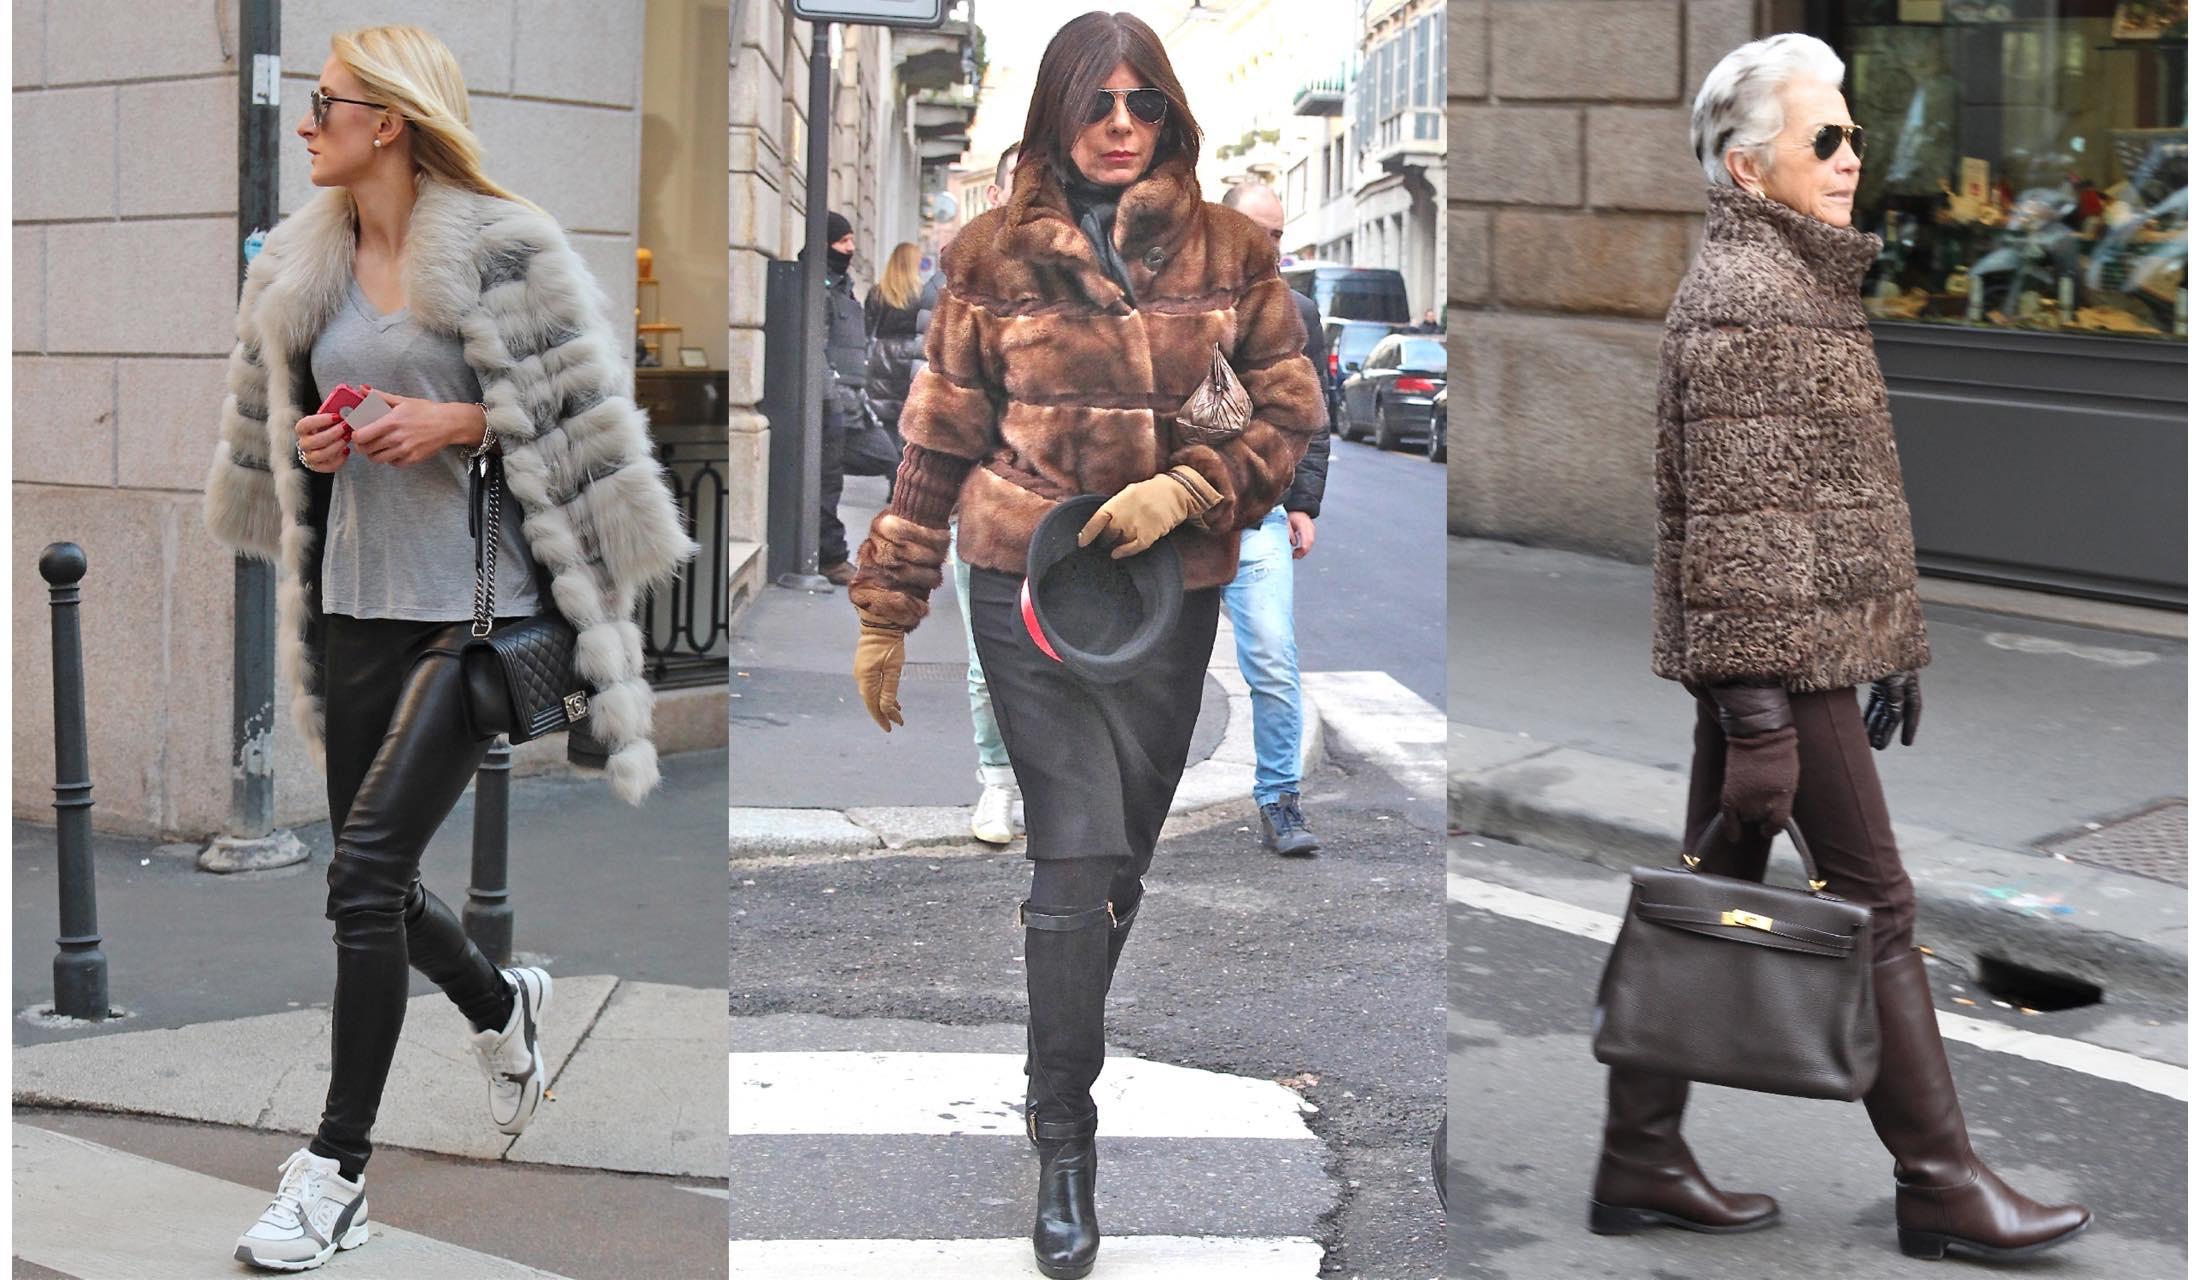 ファーコートをトレンディーに着こなすミラノマダムのストリートスナップ写真